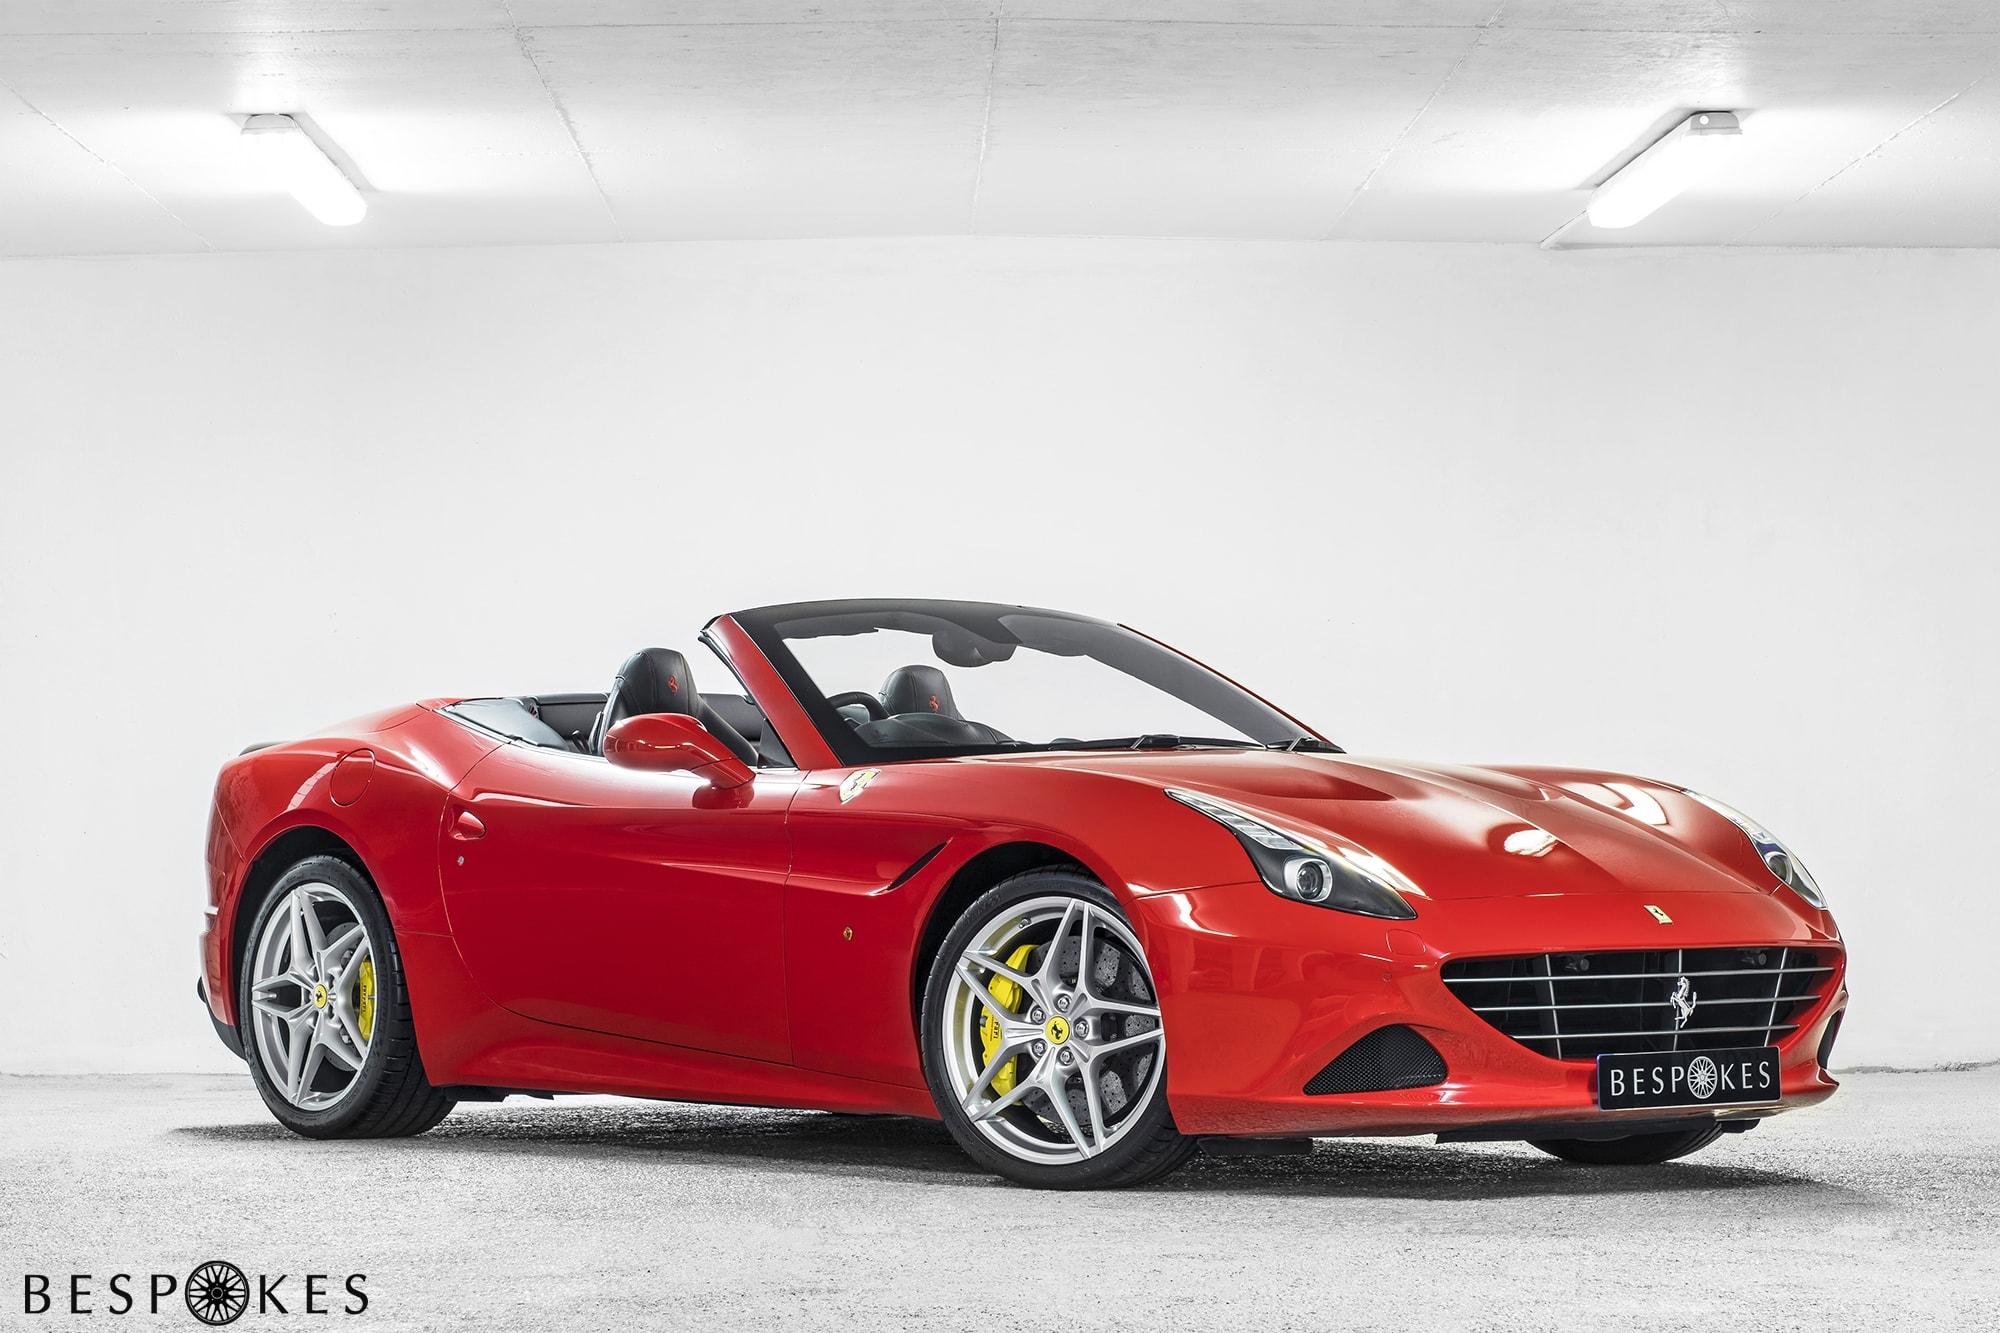 Ferrari California T Bespokes